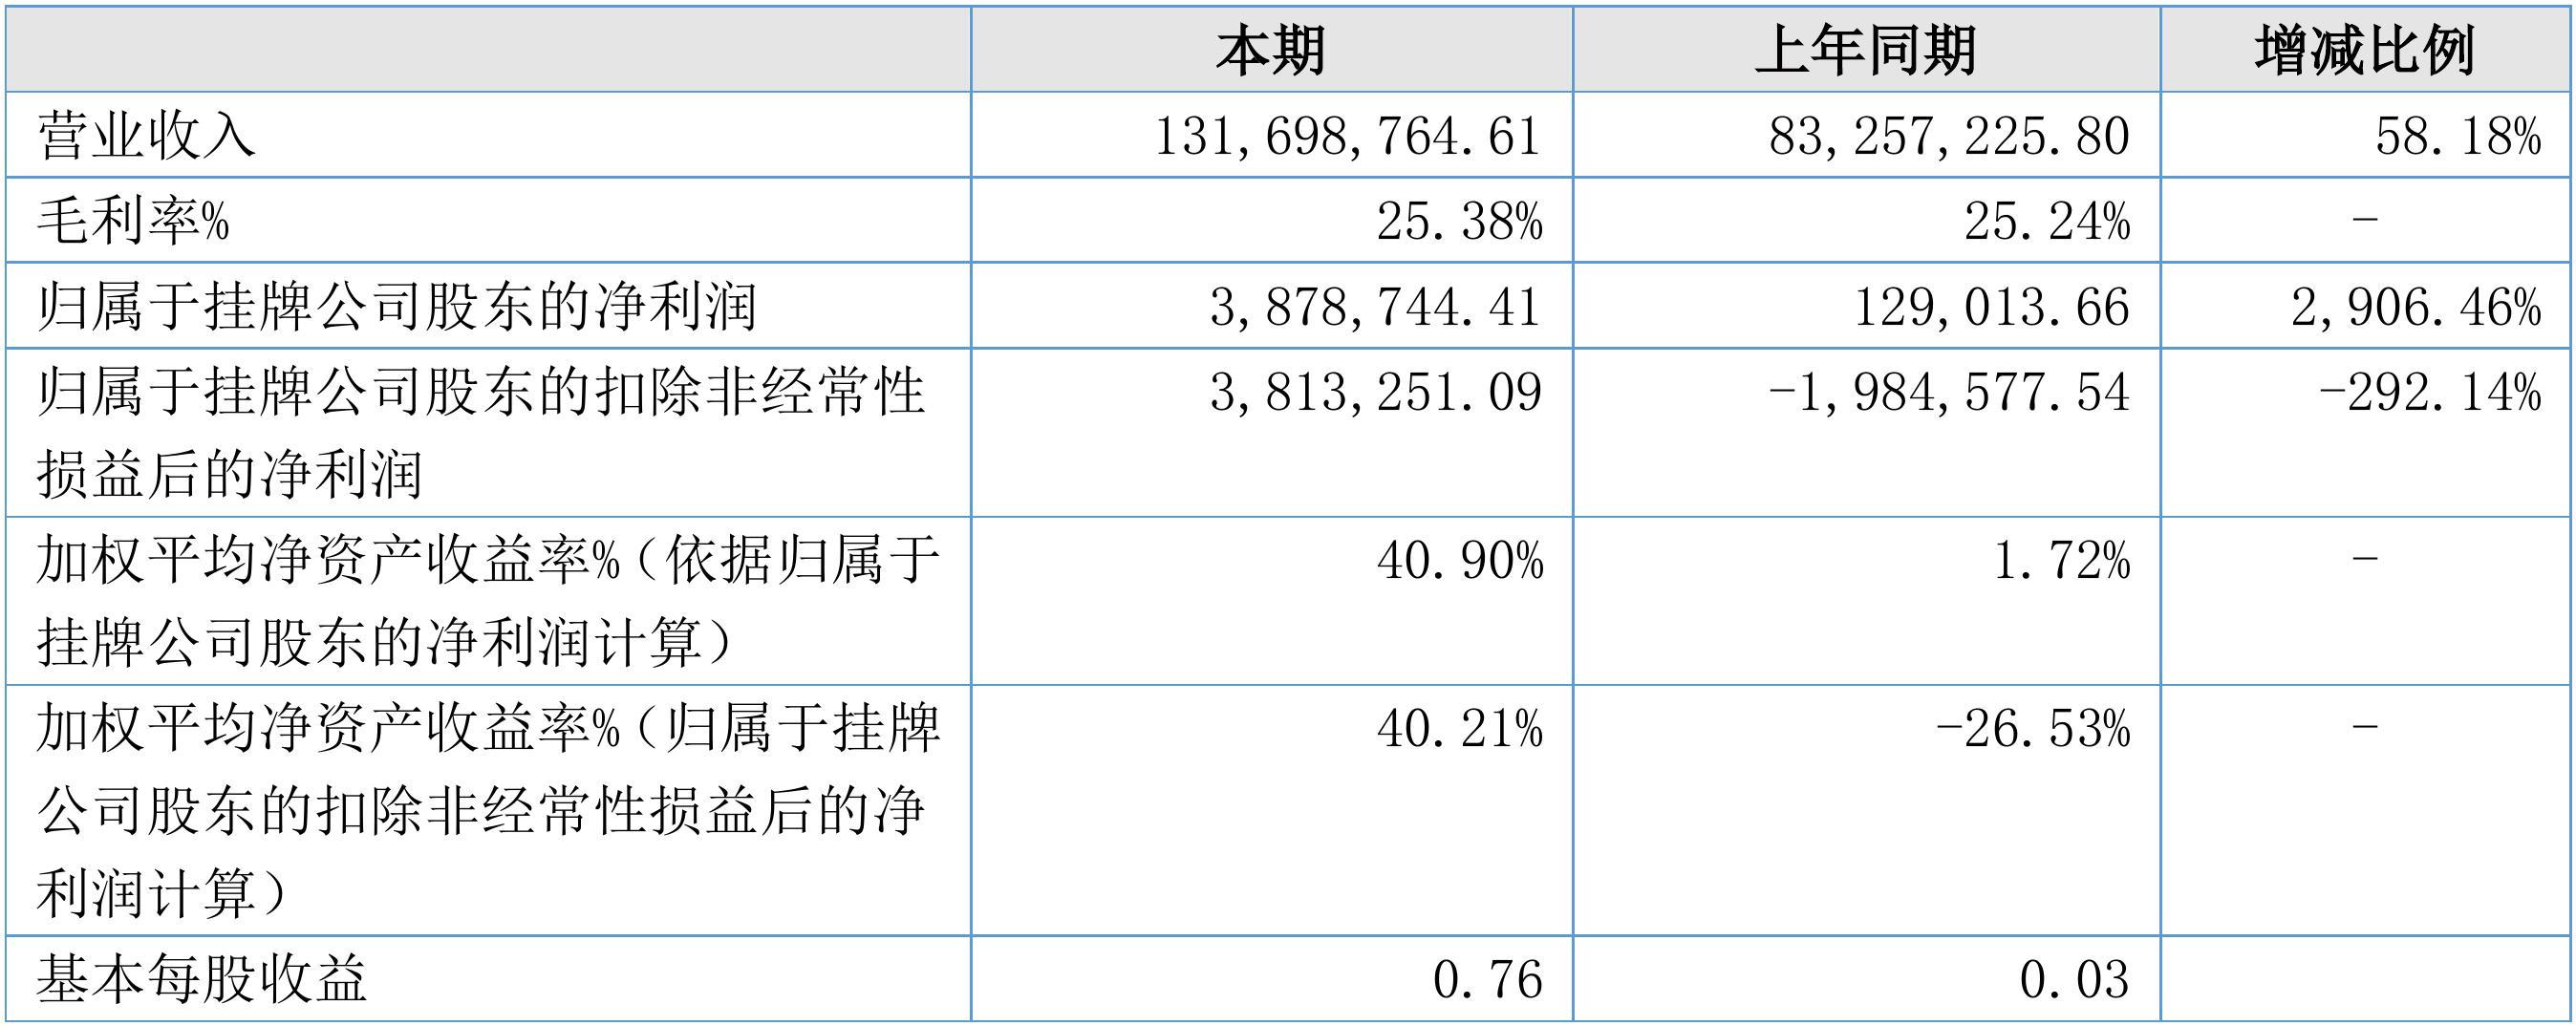 【财报季】华育智能2018年度财报: 营收1.32亿元,净利润387.87万元